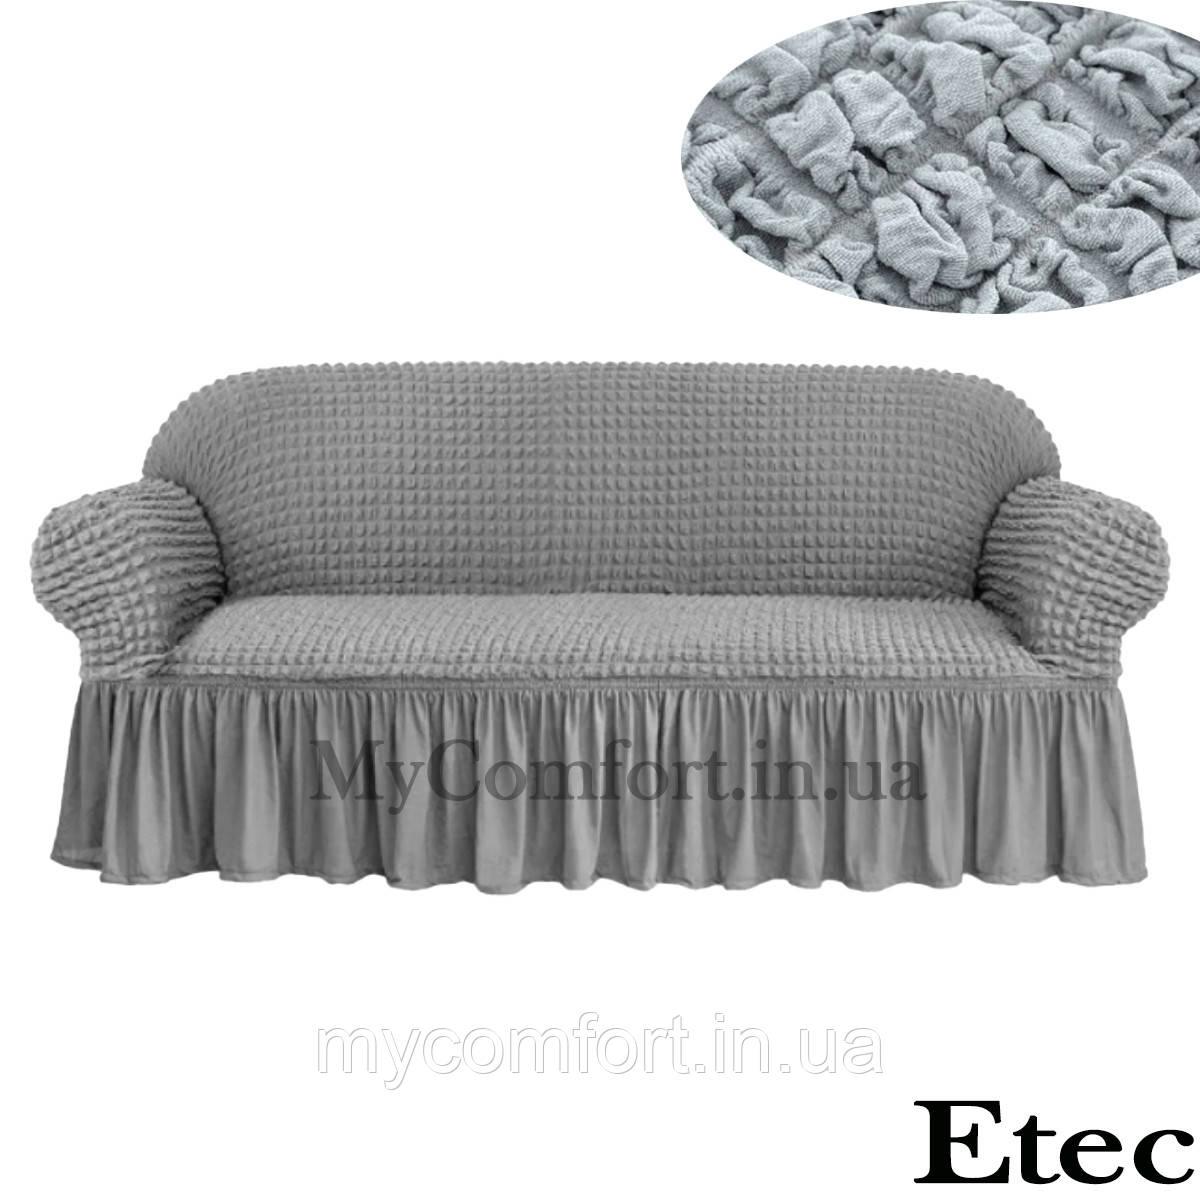 Чехол на диван Etec (универсальный).  Серый